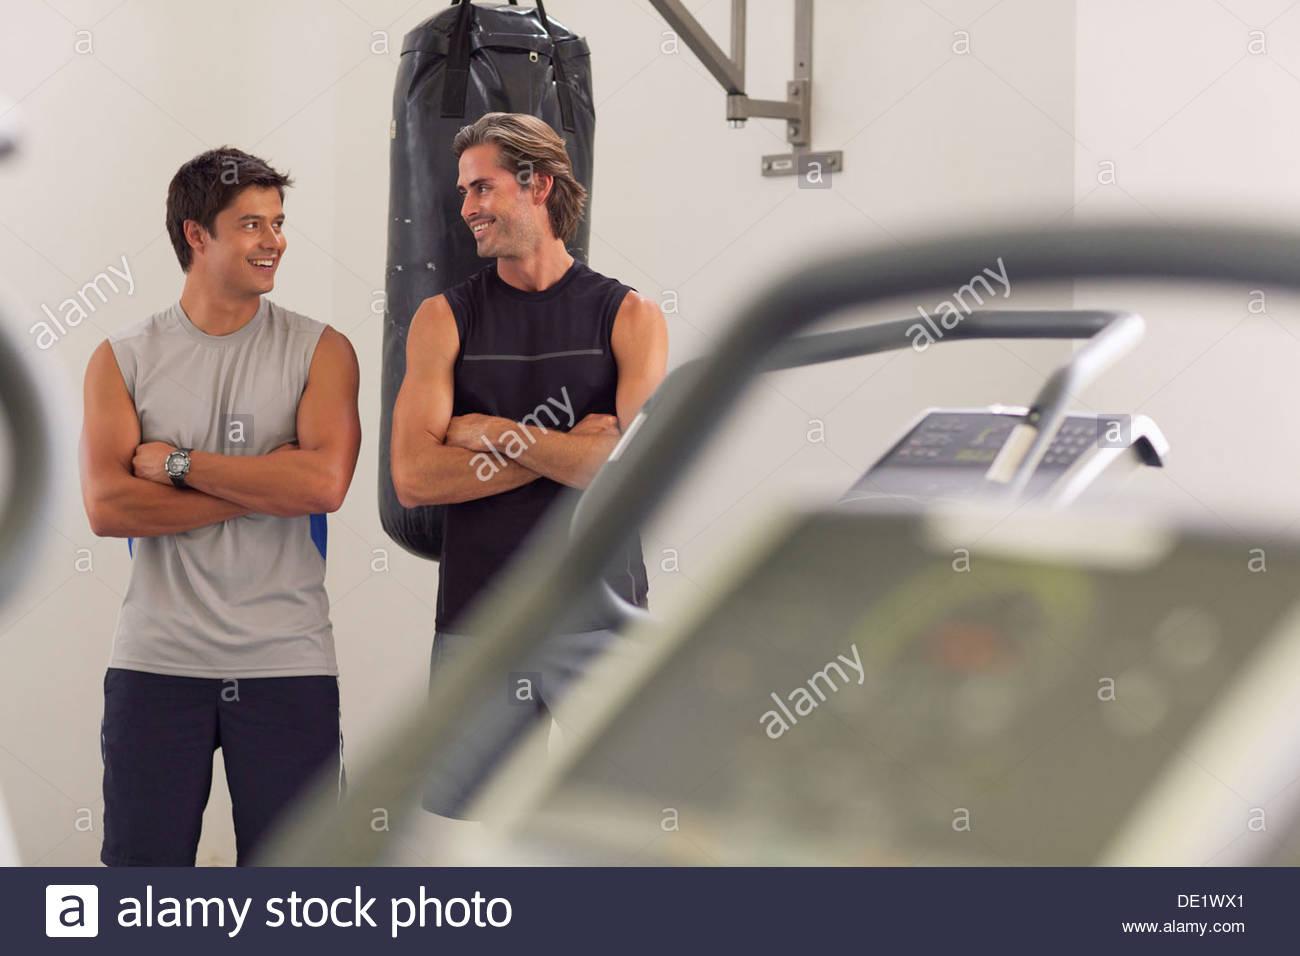 Retrato del hombre sonriente con los brazos cruzados delante de saco de boxeo Imagen De Stock